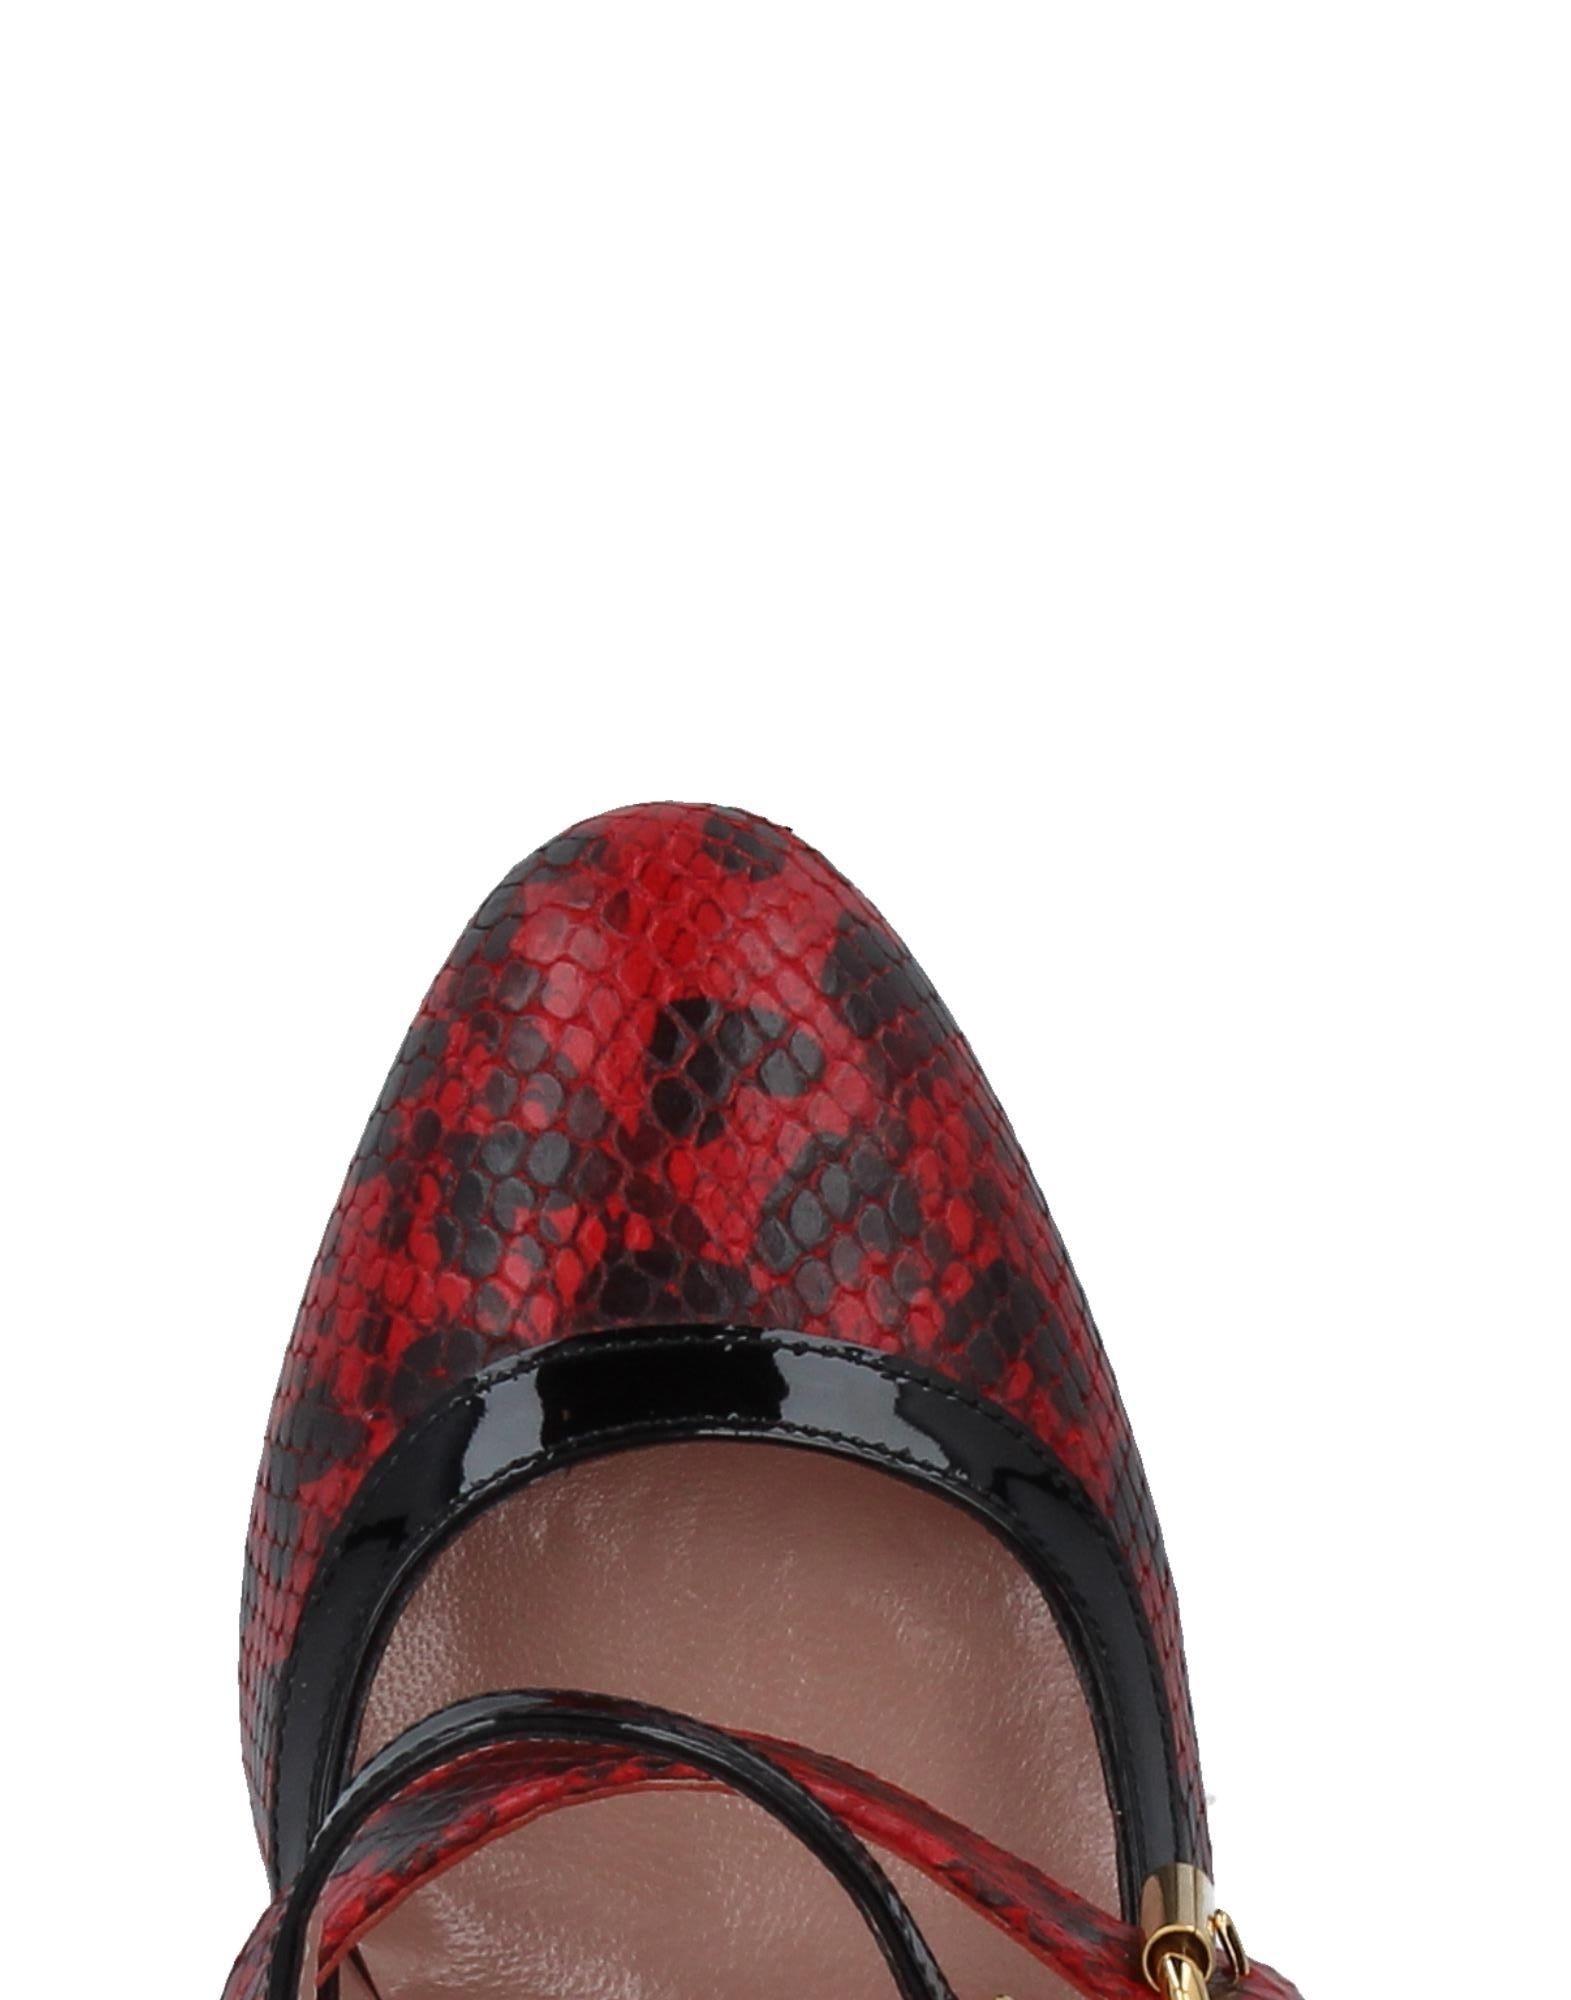 Stilvolle Pumps billige Schuhe Boutique Moschino Pumps Stilvolle Damen  11407627AG 69bee6